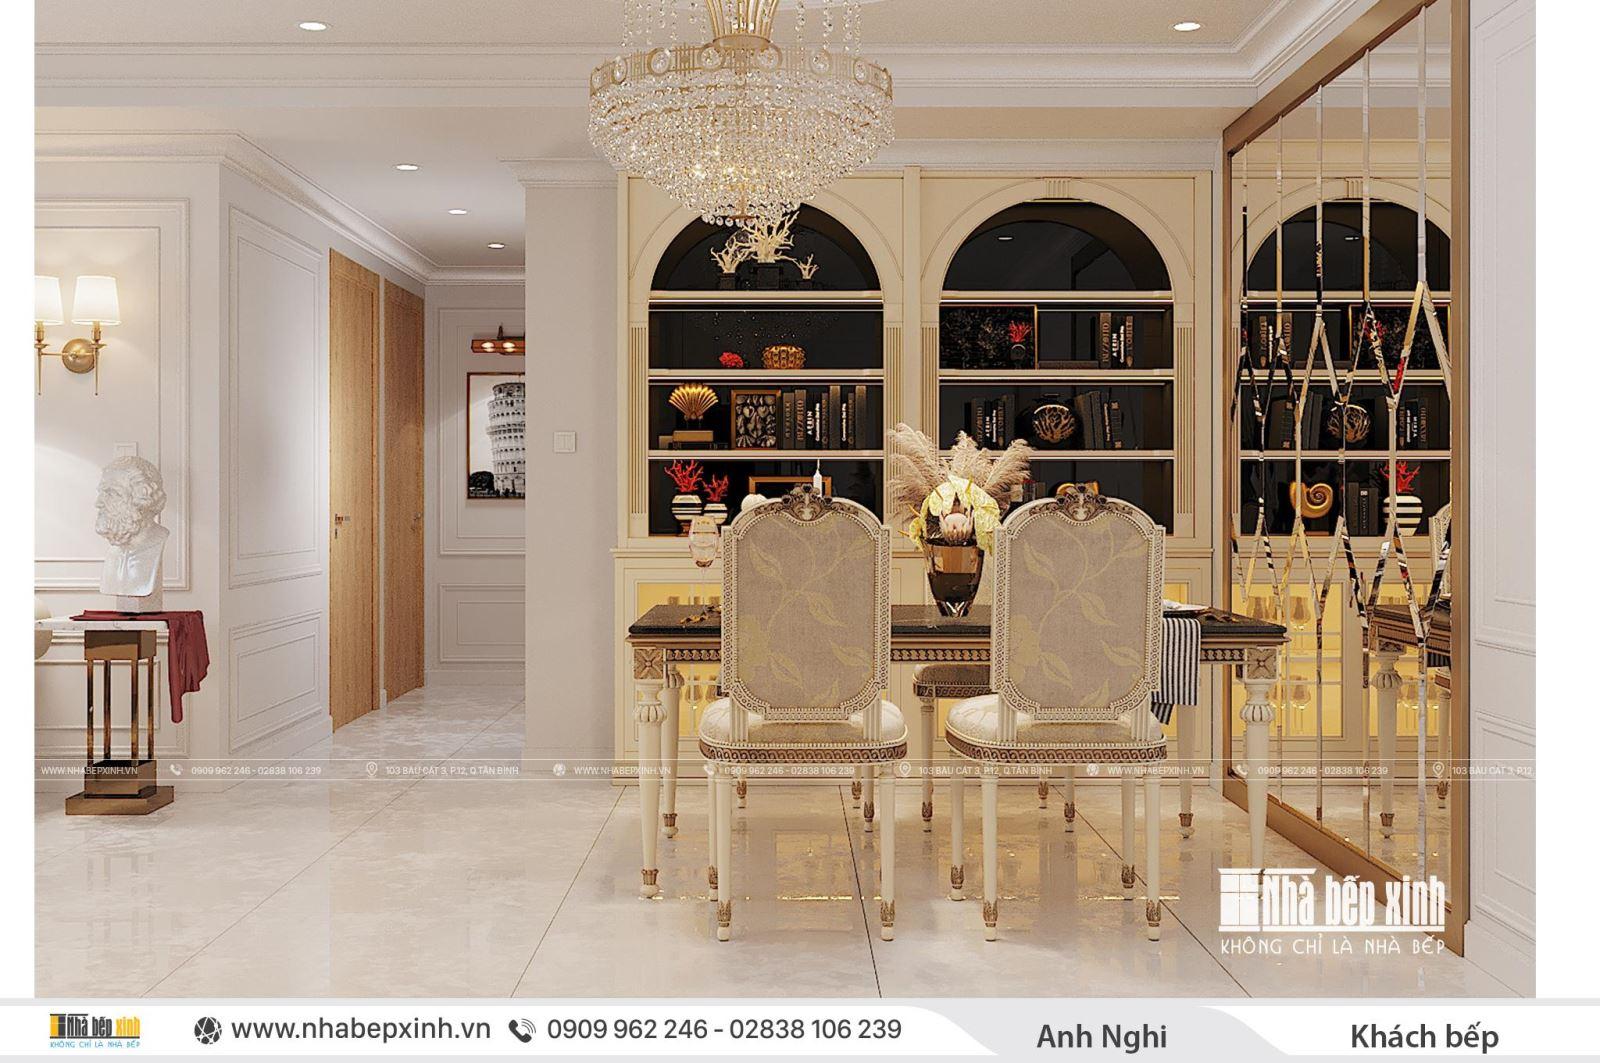 Vẻ đẹp sang trọng trong phong cách thiết kế nội thất tân cổ điển tại Emerald Celadon City 104m2